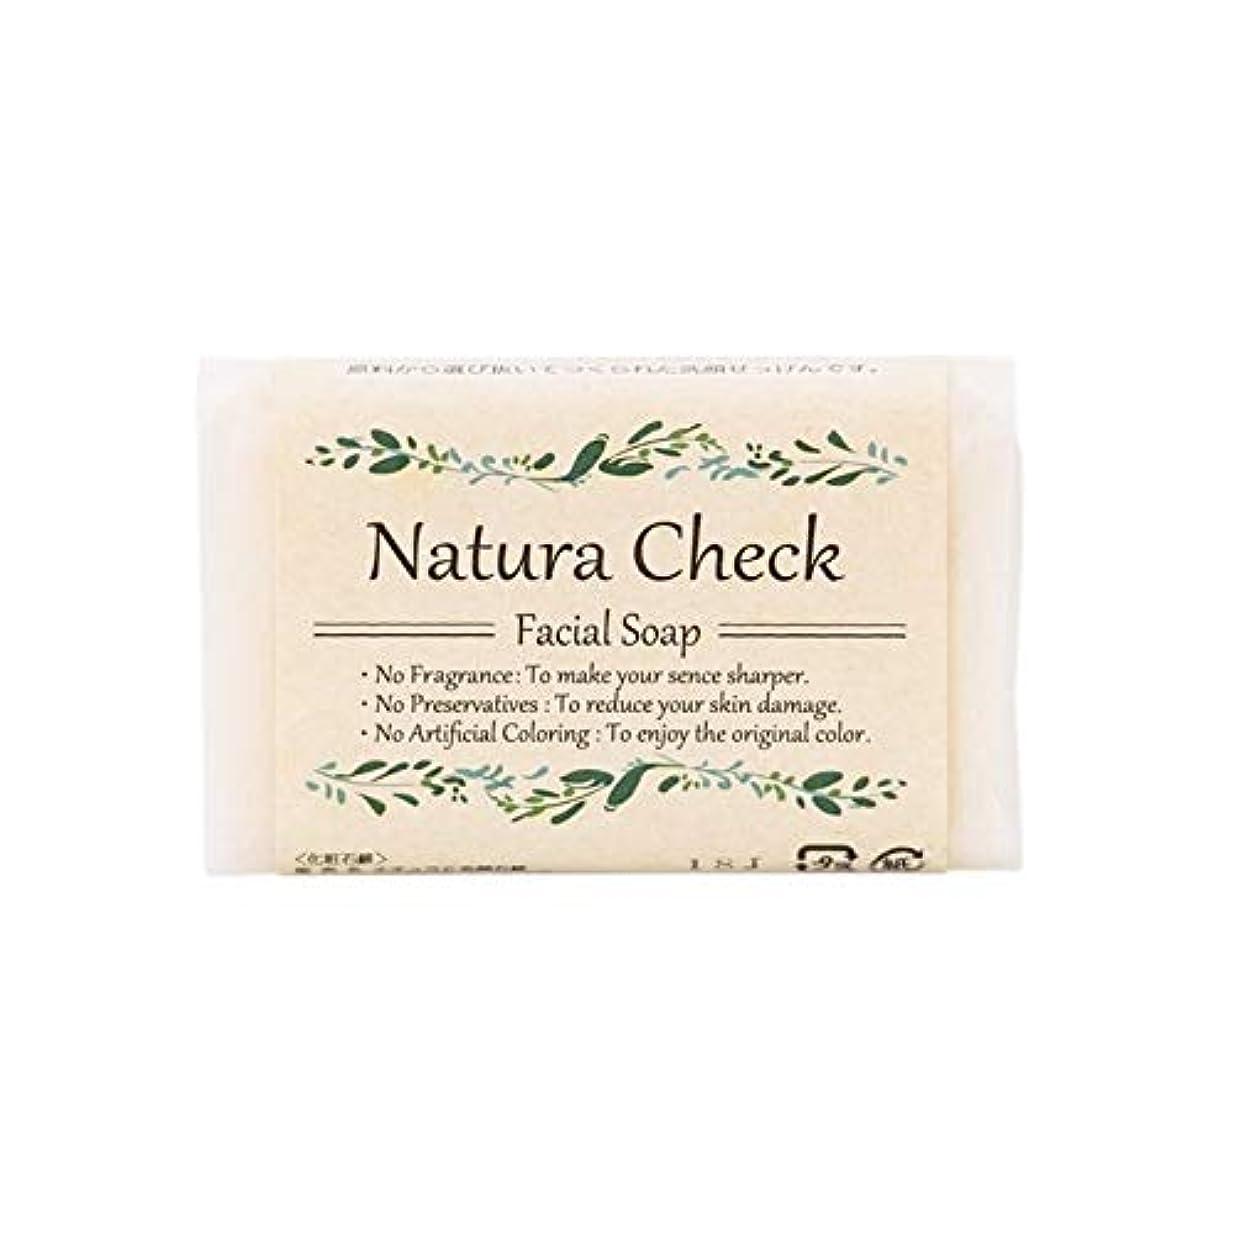 リーフレット宗教的なサンダースNatura Check 無添加洗顔せっけん80g 毛穴の黒ずみ、毛穴の開き、敏感肌、乾燥肌対策に 新生児やアトピー肌にも安心